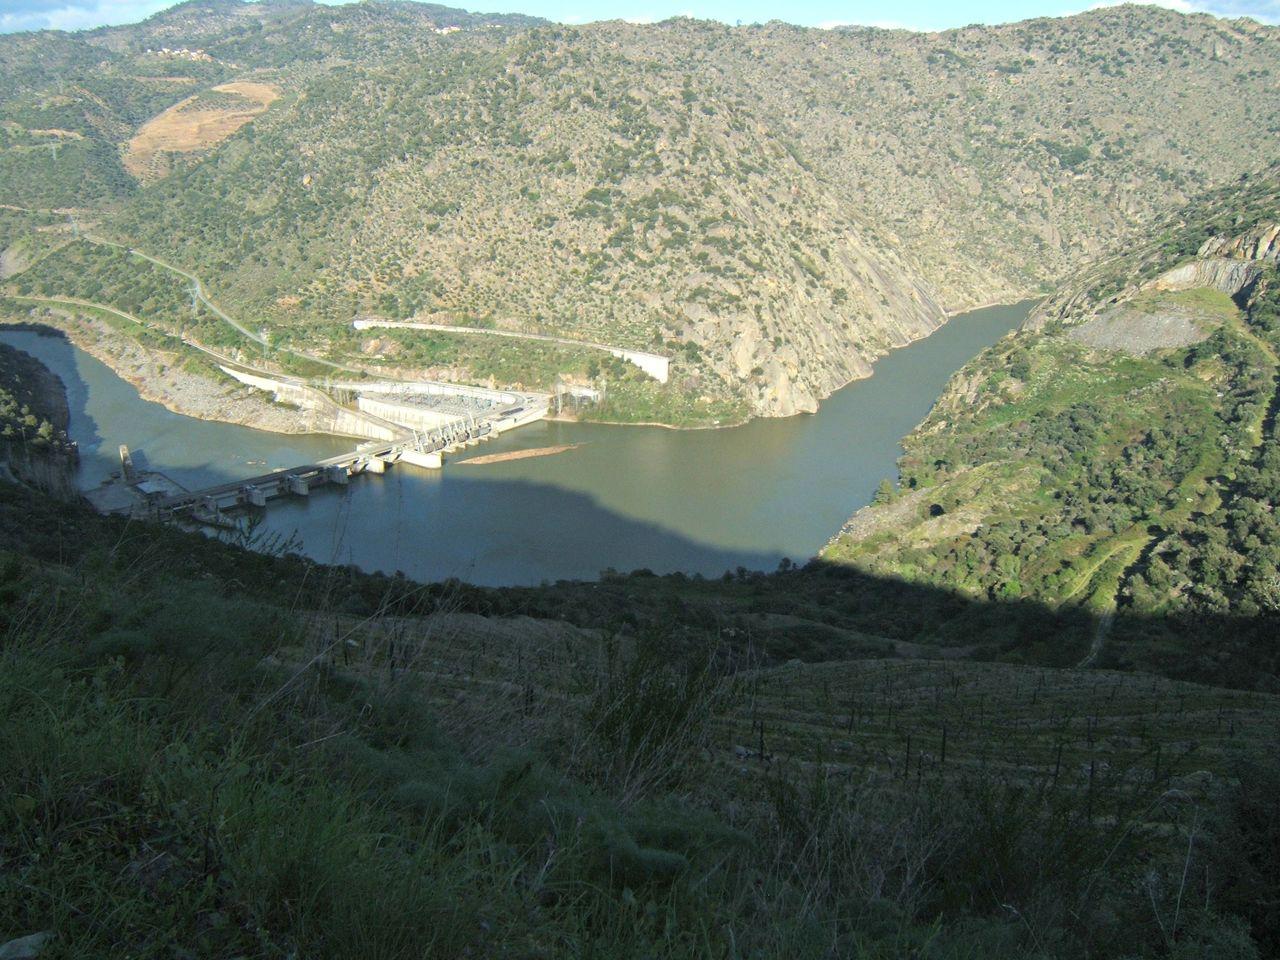 O passeio das 1001 curvas Barragem_da_Valeira_S_Joao_Pesqueira